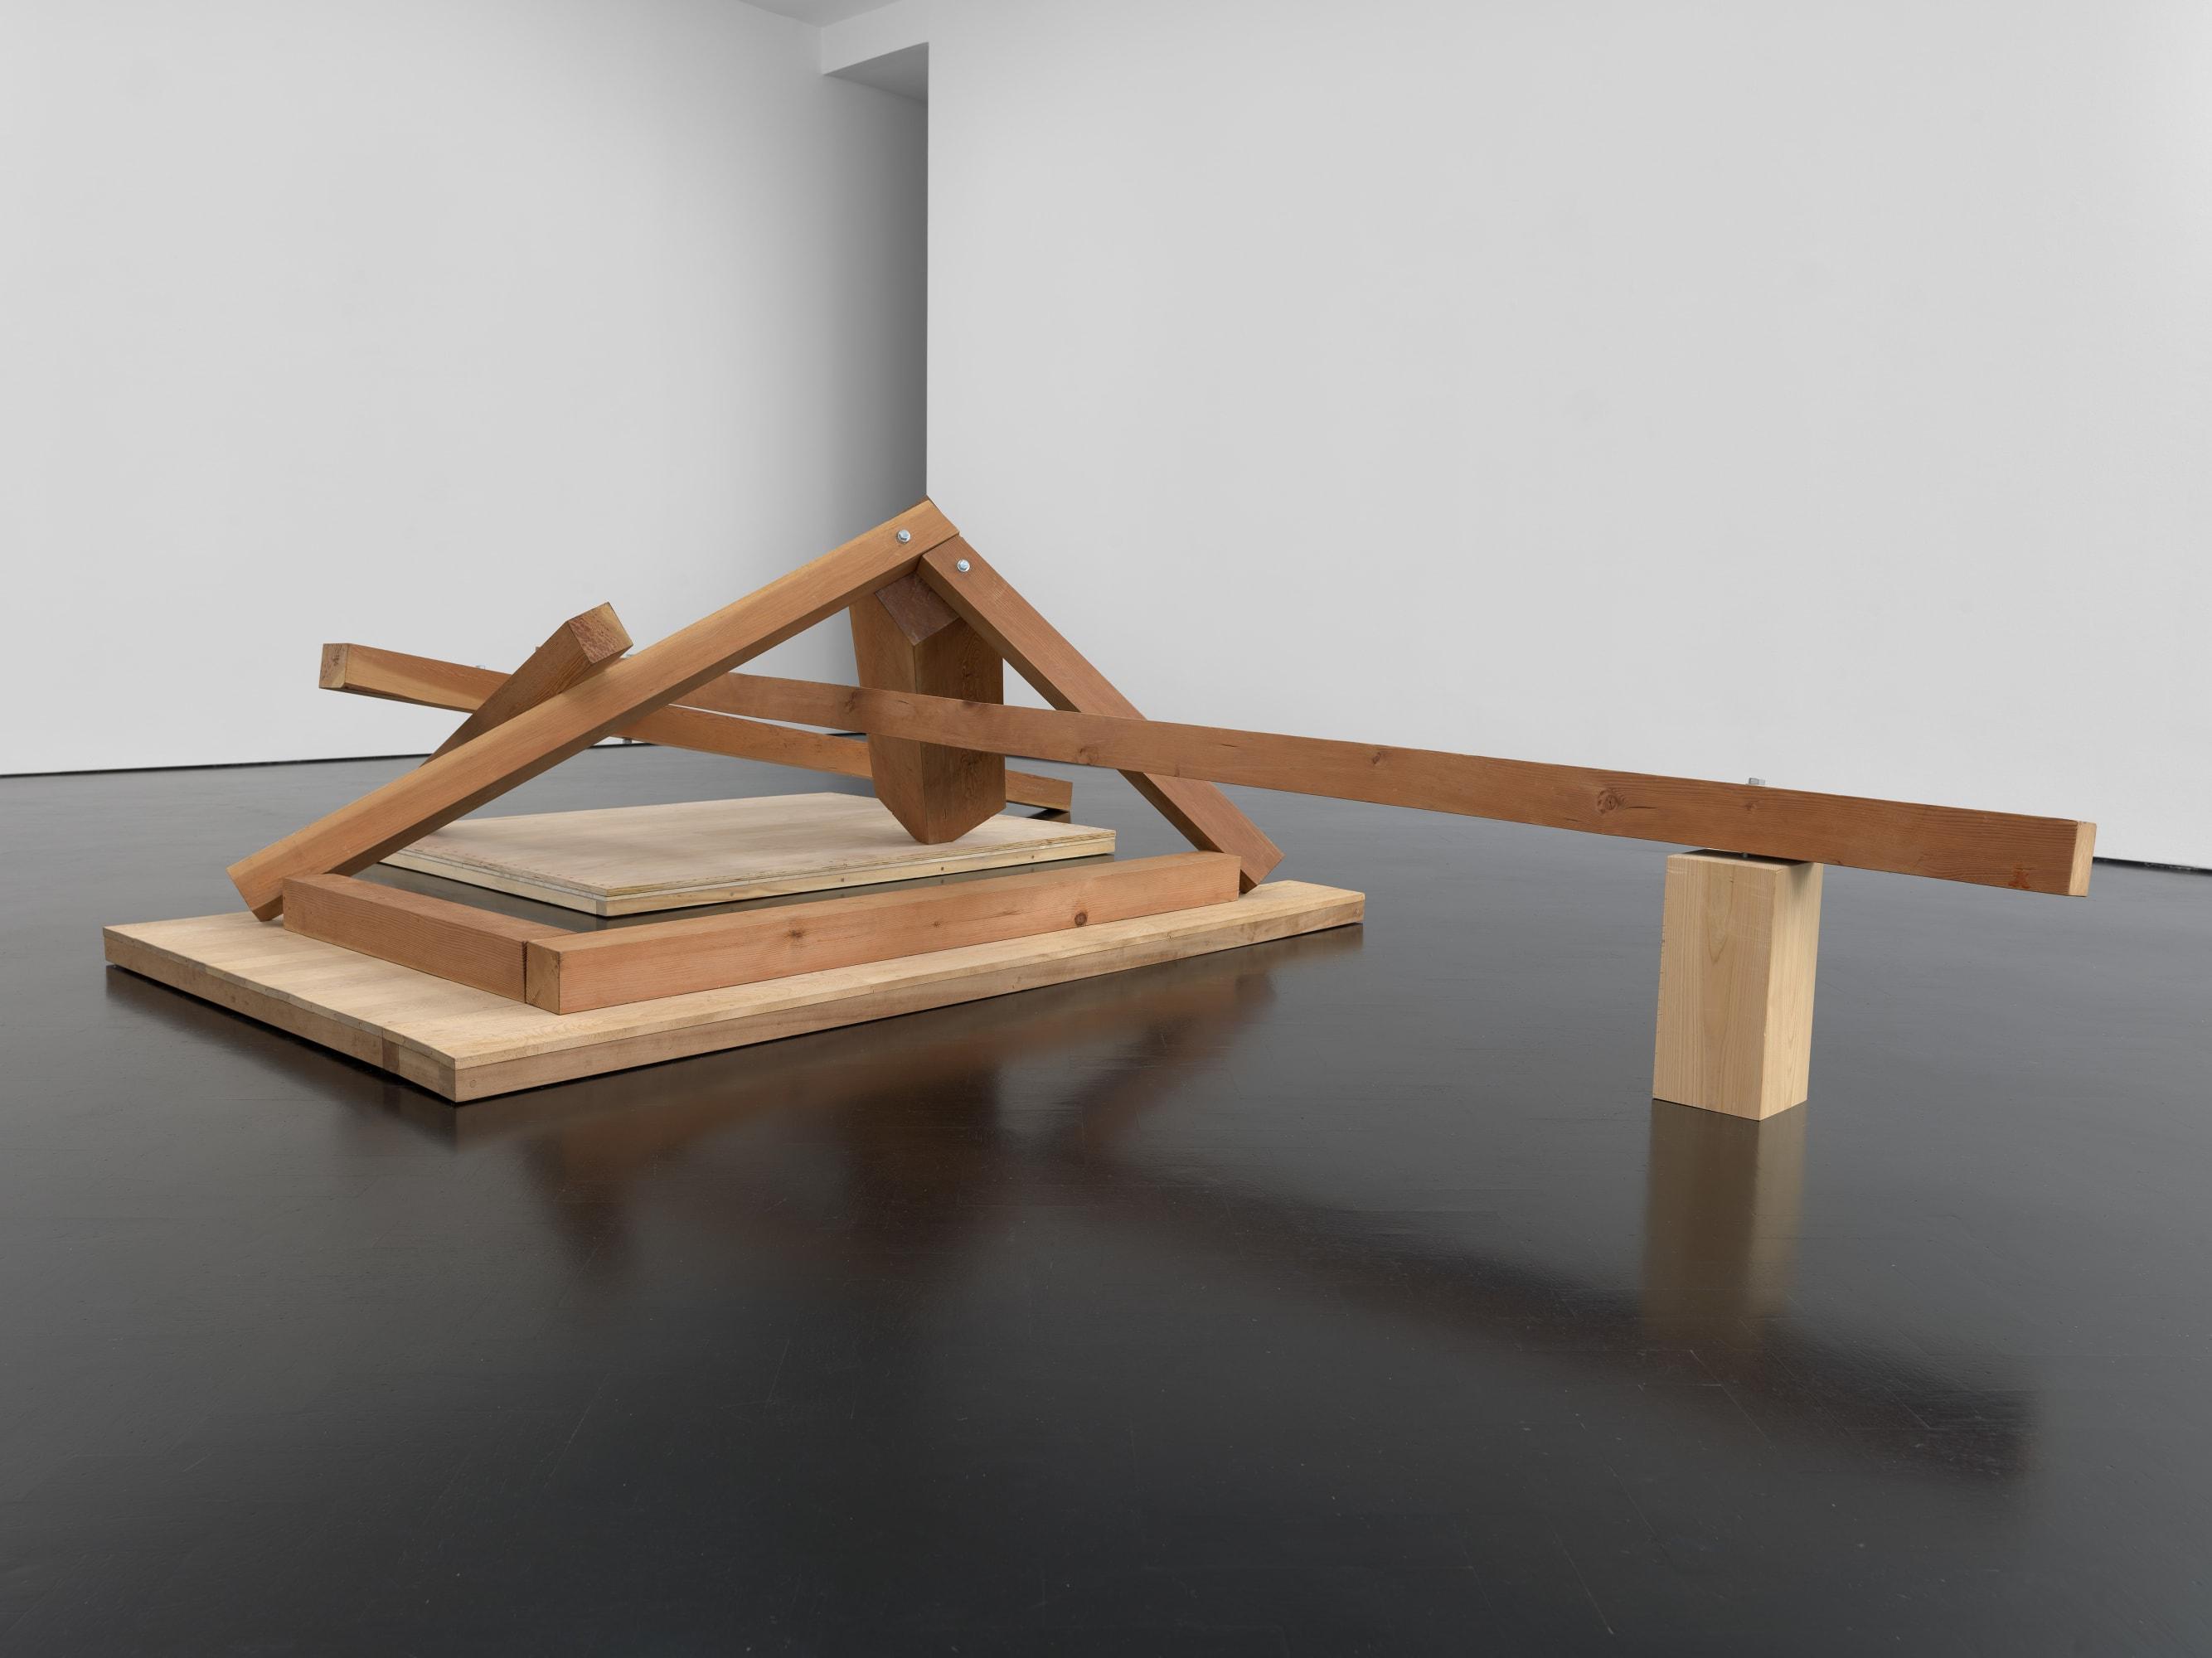 Jiro Takamatsu: Space in Two Dimensions